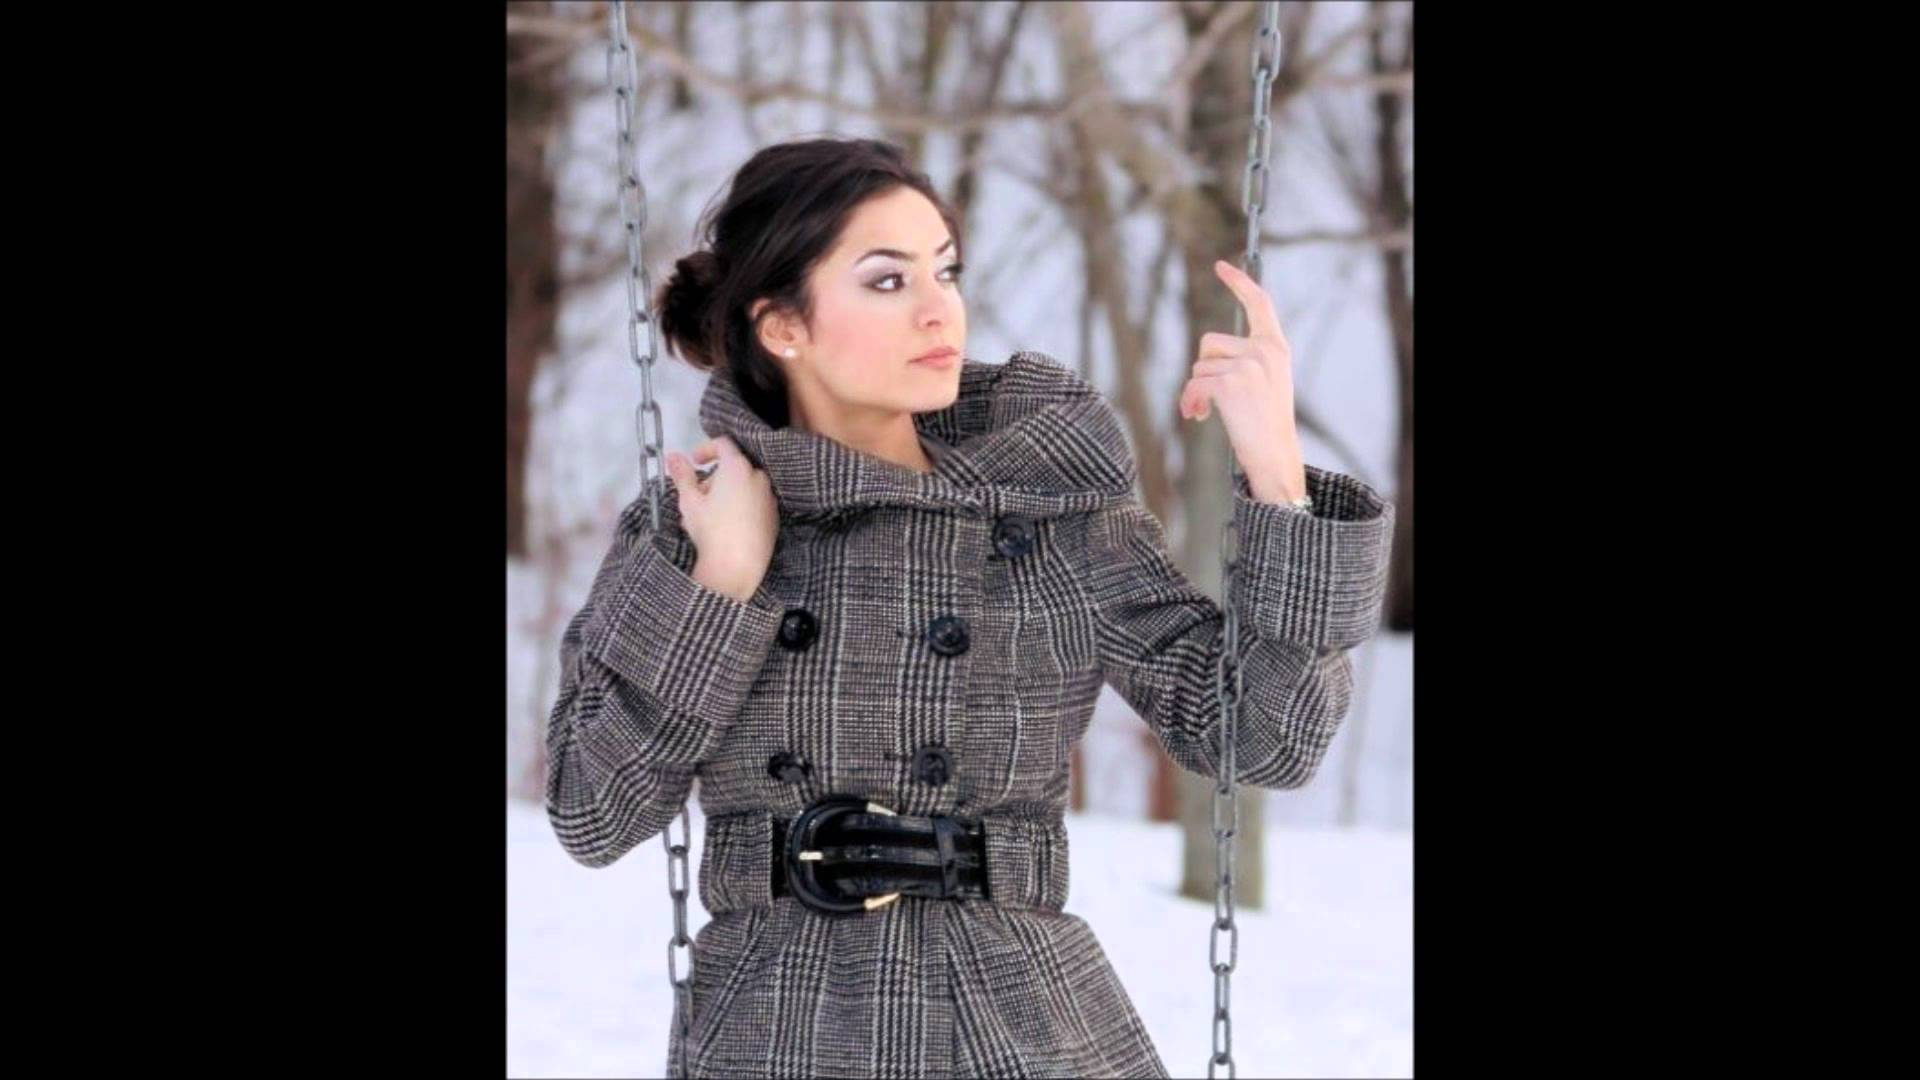 بالصور اجمل الايرانيات , اجمل البنات الايرانيات على الاطلاق 5153 4